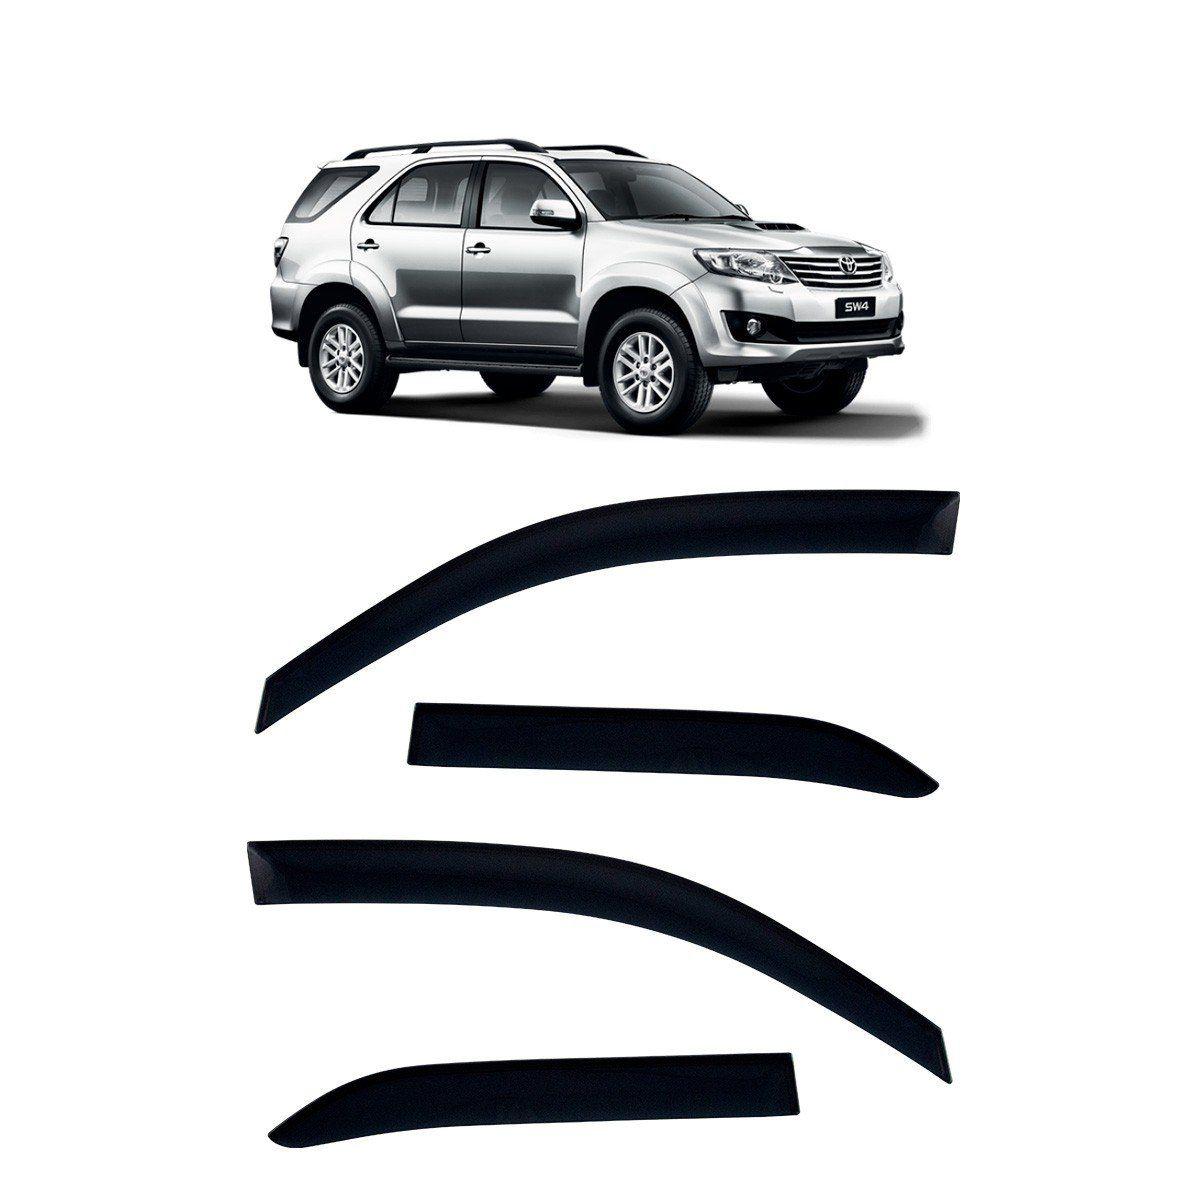 Calha De Chuva Toyota Sw4 2005 A 2015 TG Poli